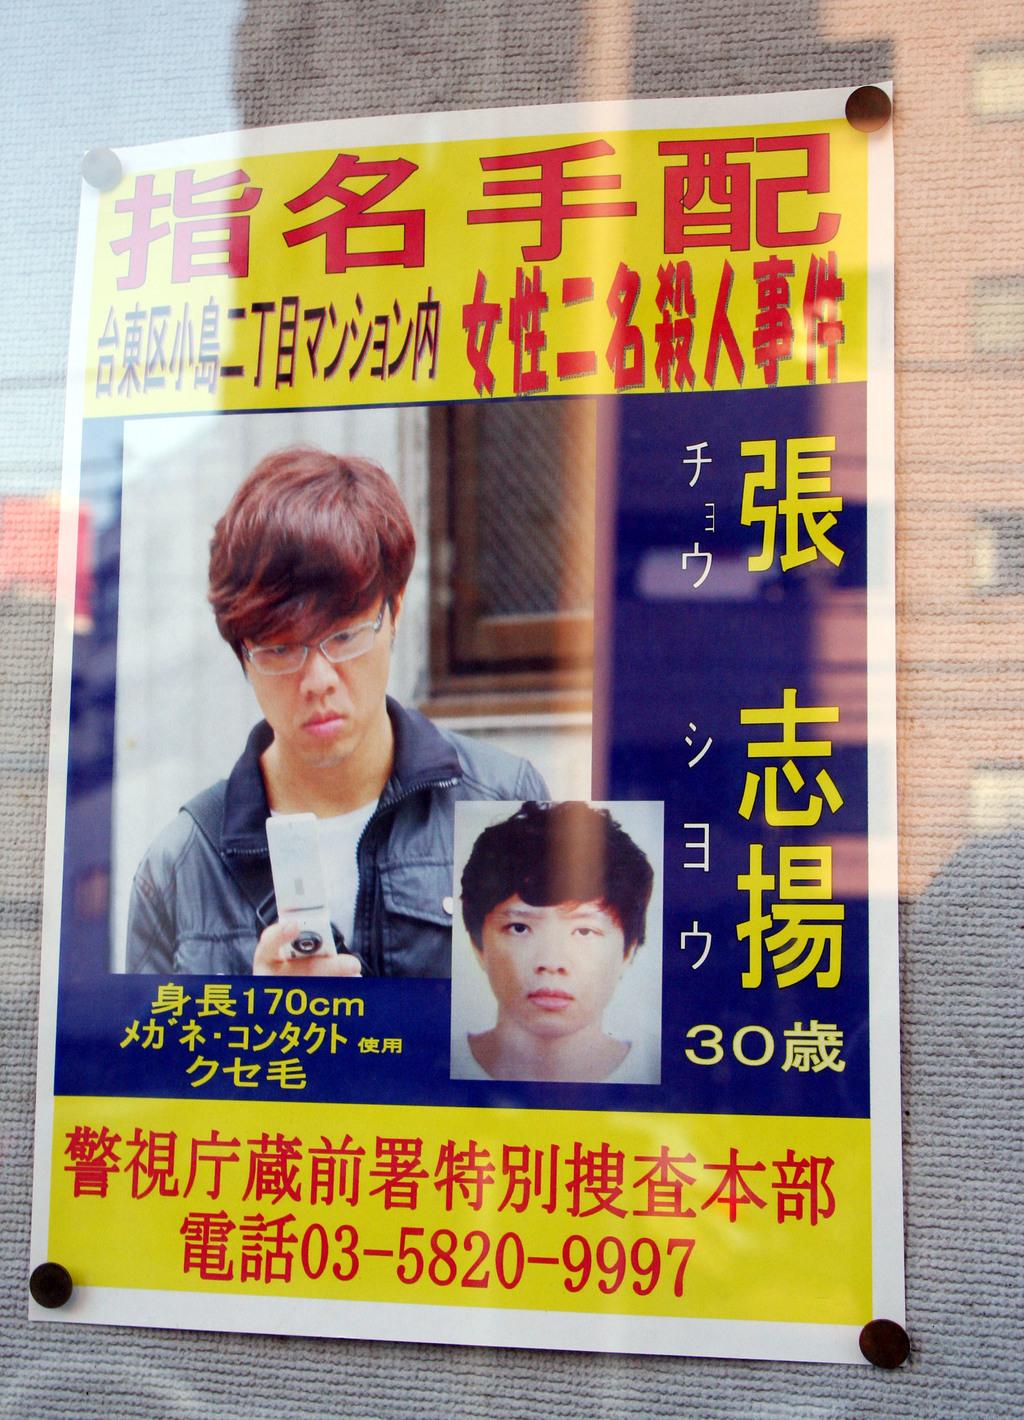 涉嫌在東京殺害兩位留日女學生的張志揚,8日遭日本警視廳通緝,9日負責偵辦的警視廳藏前警察署前張貼的通緝海報,將昨天公布的照片變小,近照比較...